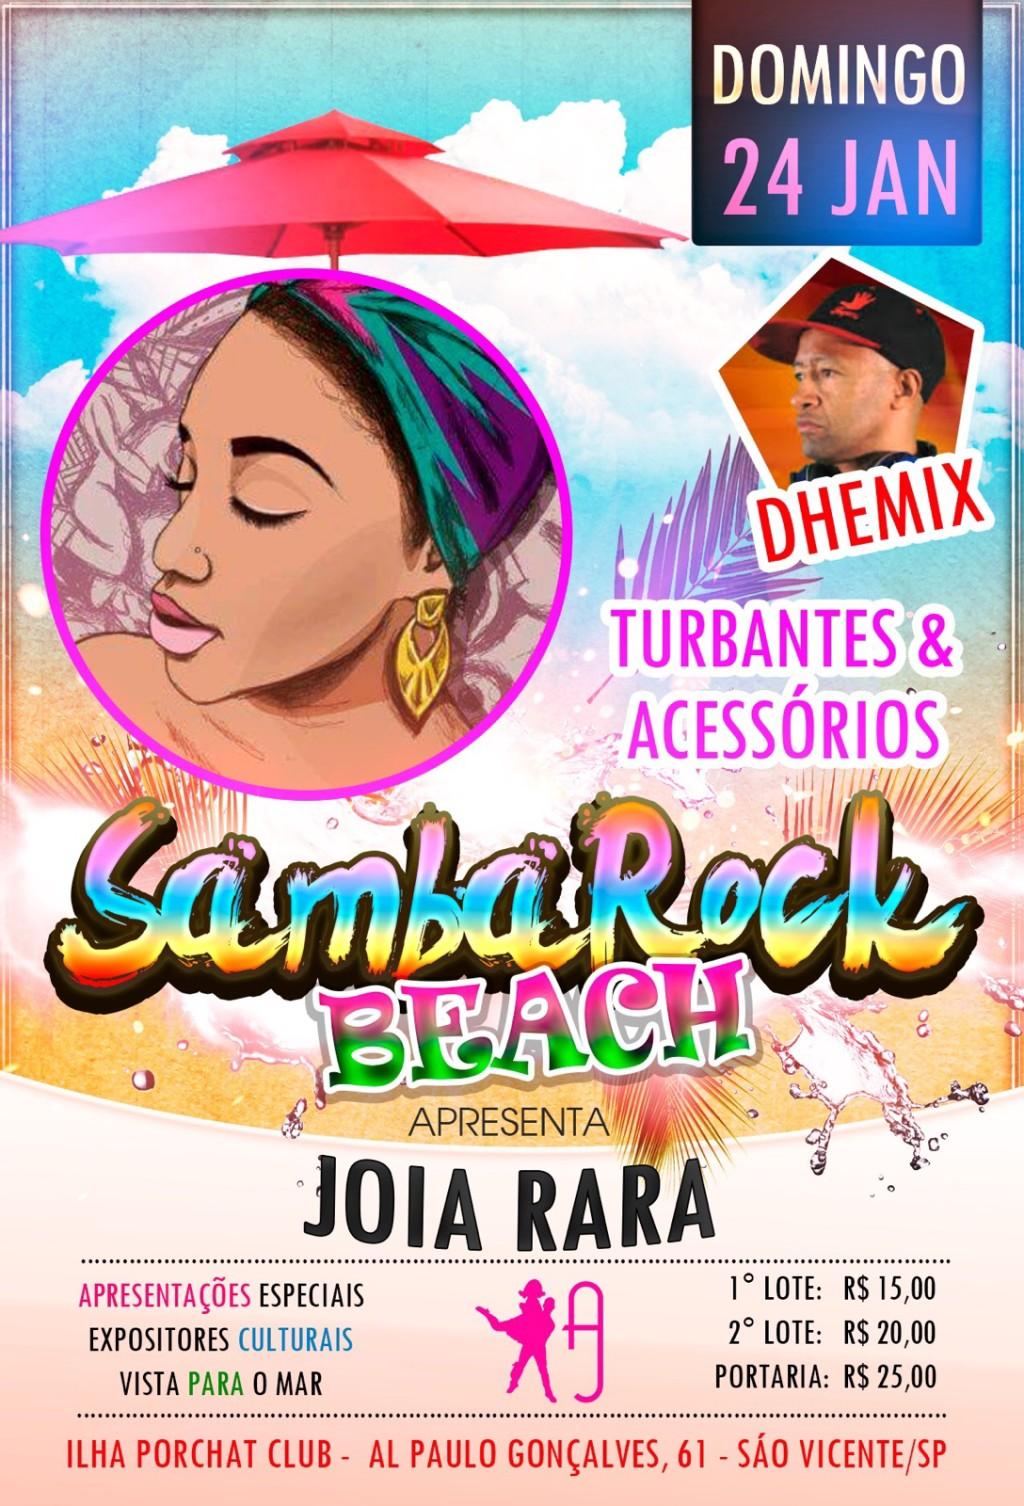 Samba Rock Beach agita o litoral de São Paulo no próximo domingo #nota